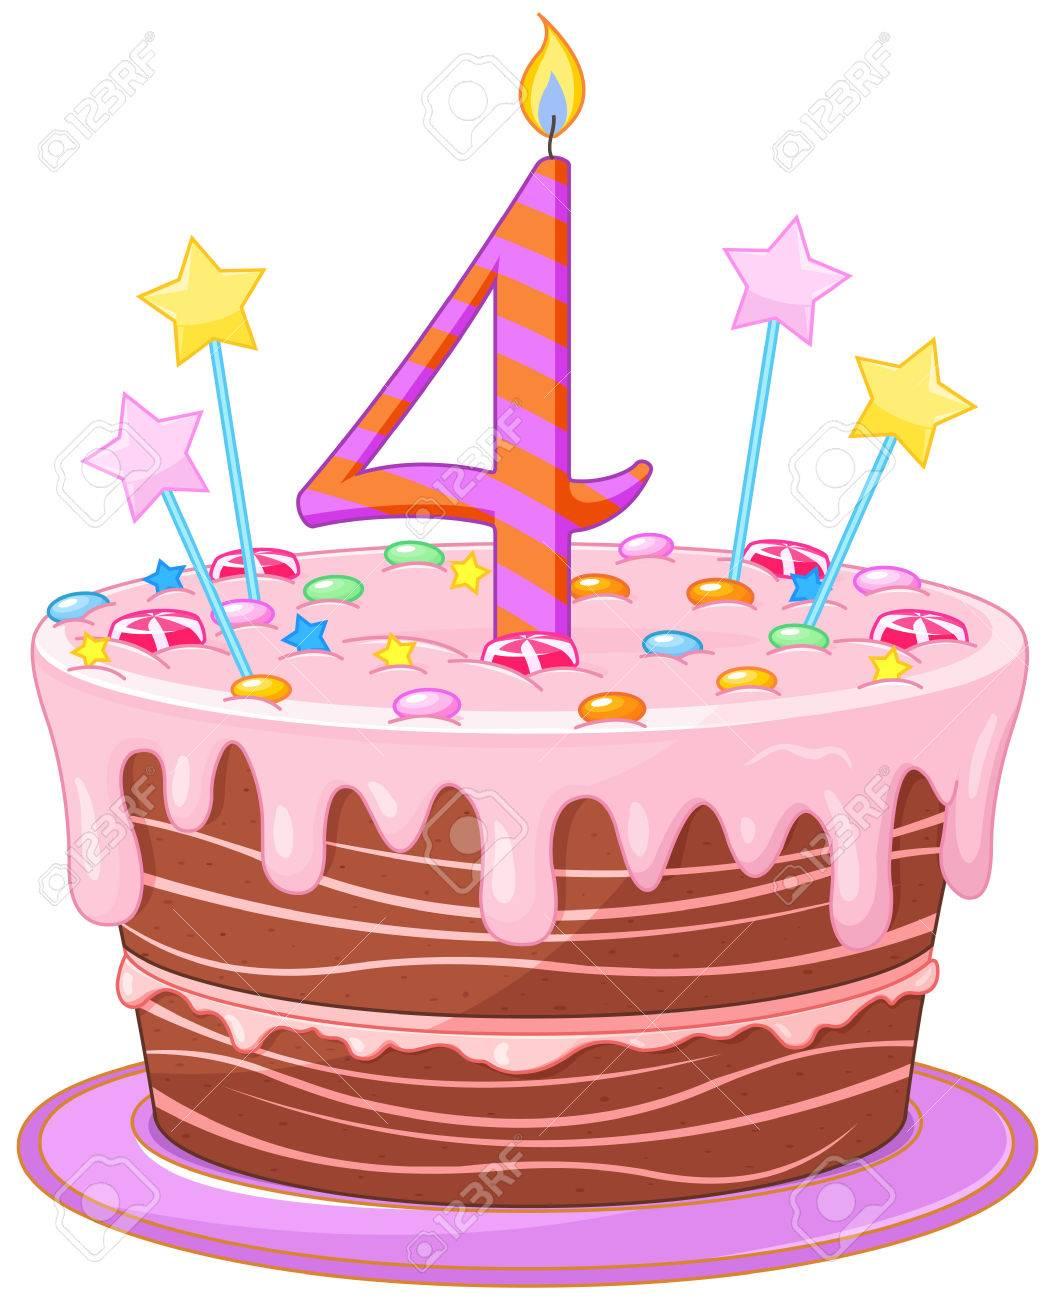 飾られたバースデー ケーキのイラストのイラスト素材ベクタ Image